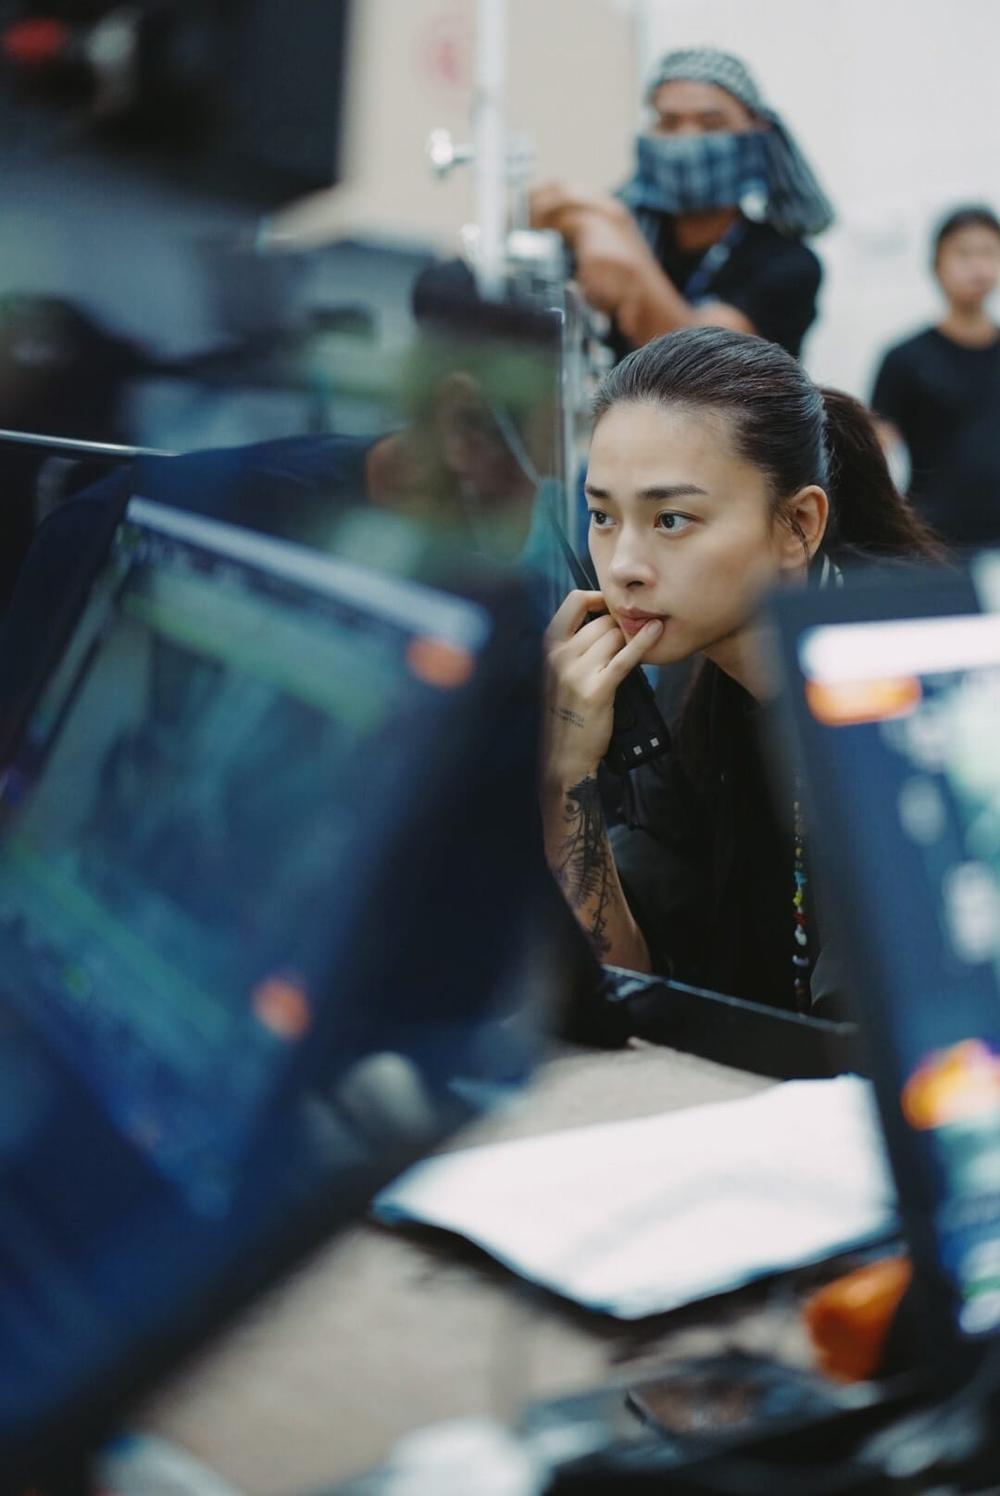 'Trạng Tí' bị tẩy chay nặng nề, dân mạng yêu cầu Ngô Thanh Vân từ bỏ tham vọng 'Vũ trụ cổ tích Việt Nam' Ảnh 7